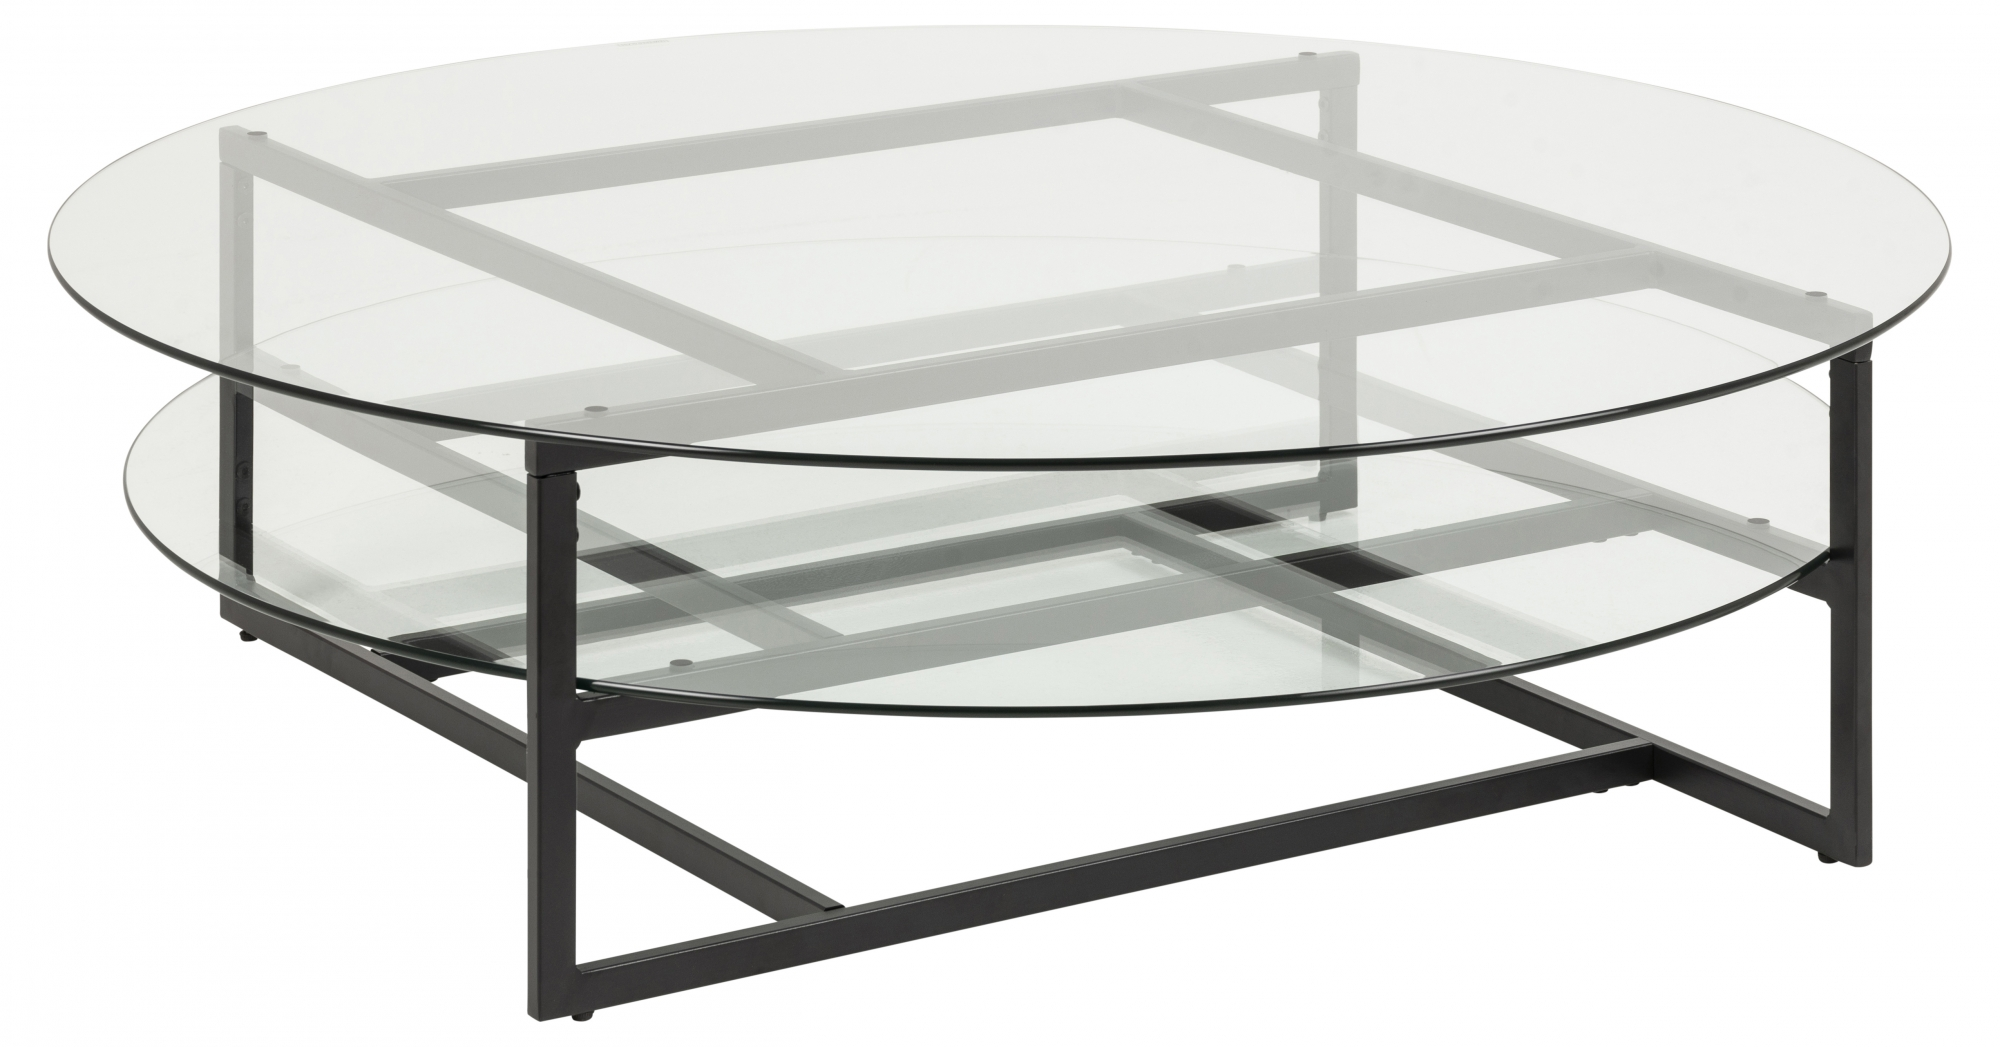 Konferenční stolek Locika kulatý, 120 cm, čiré sklo